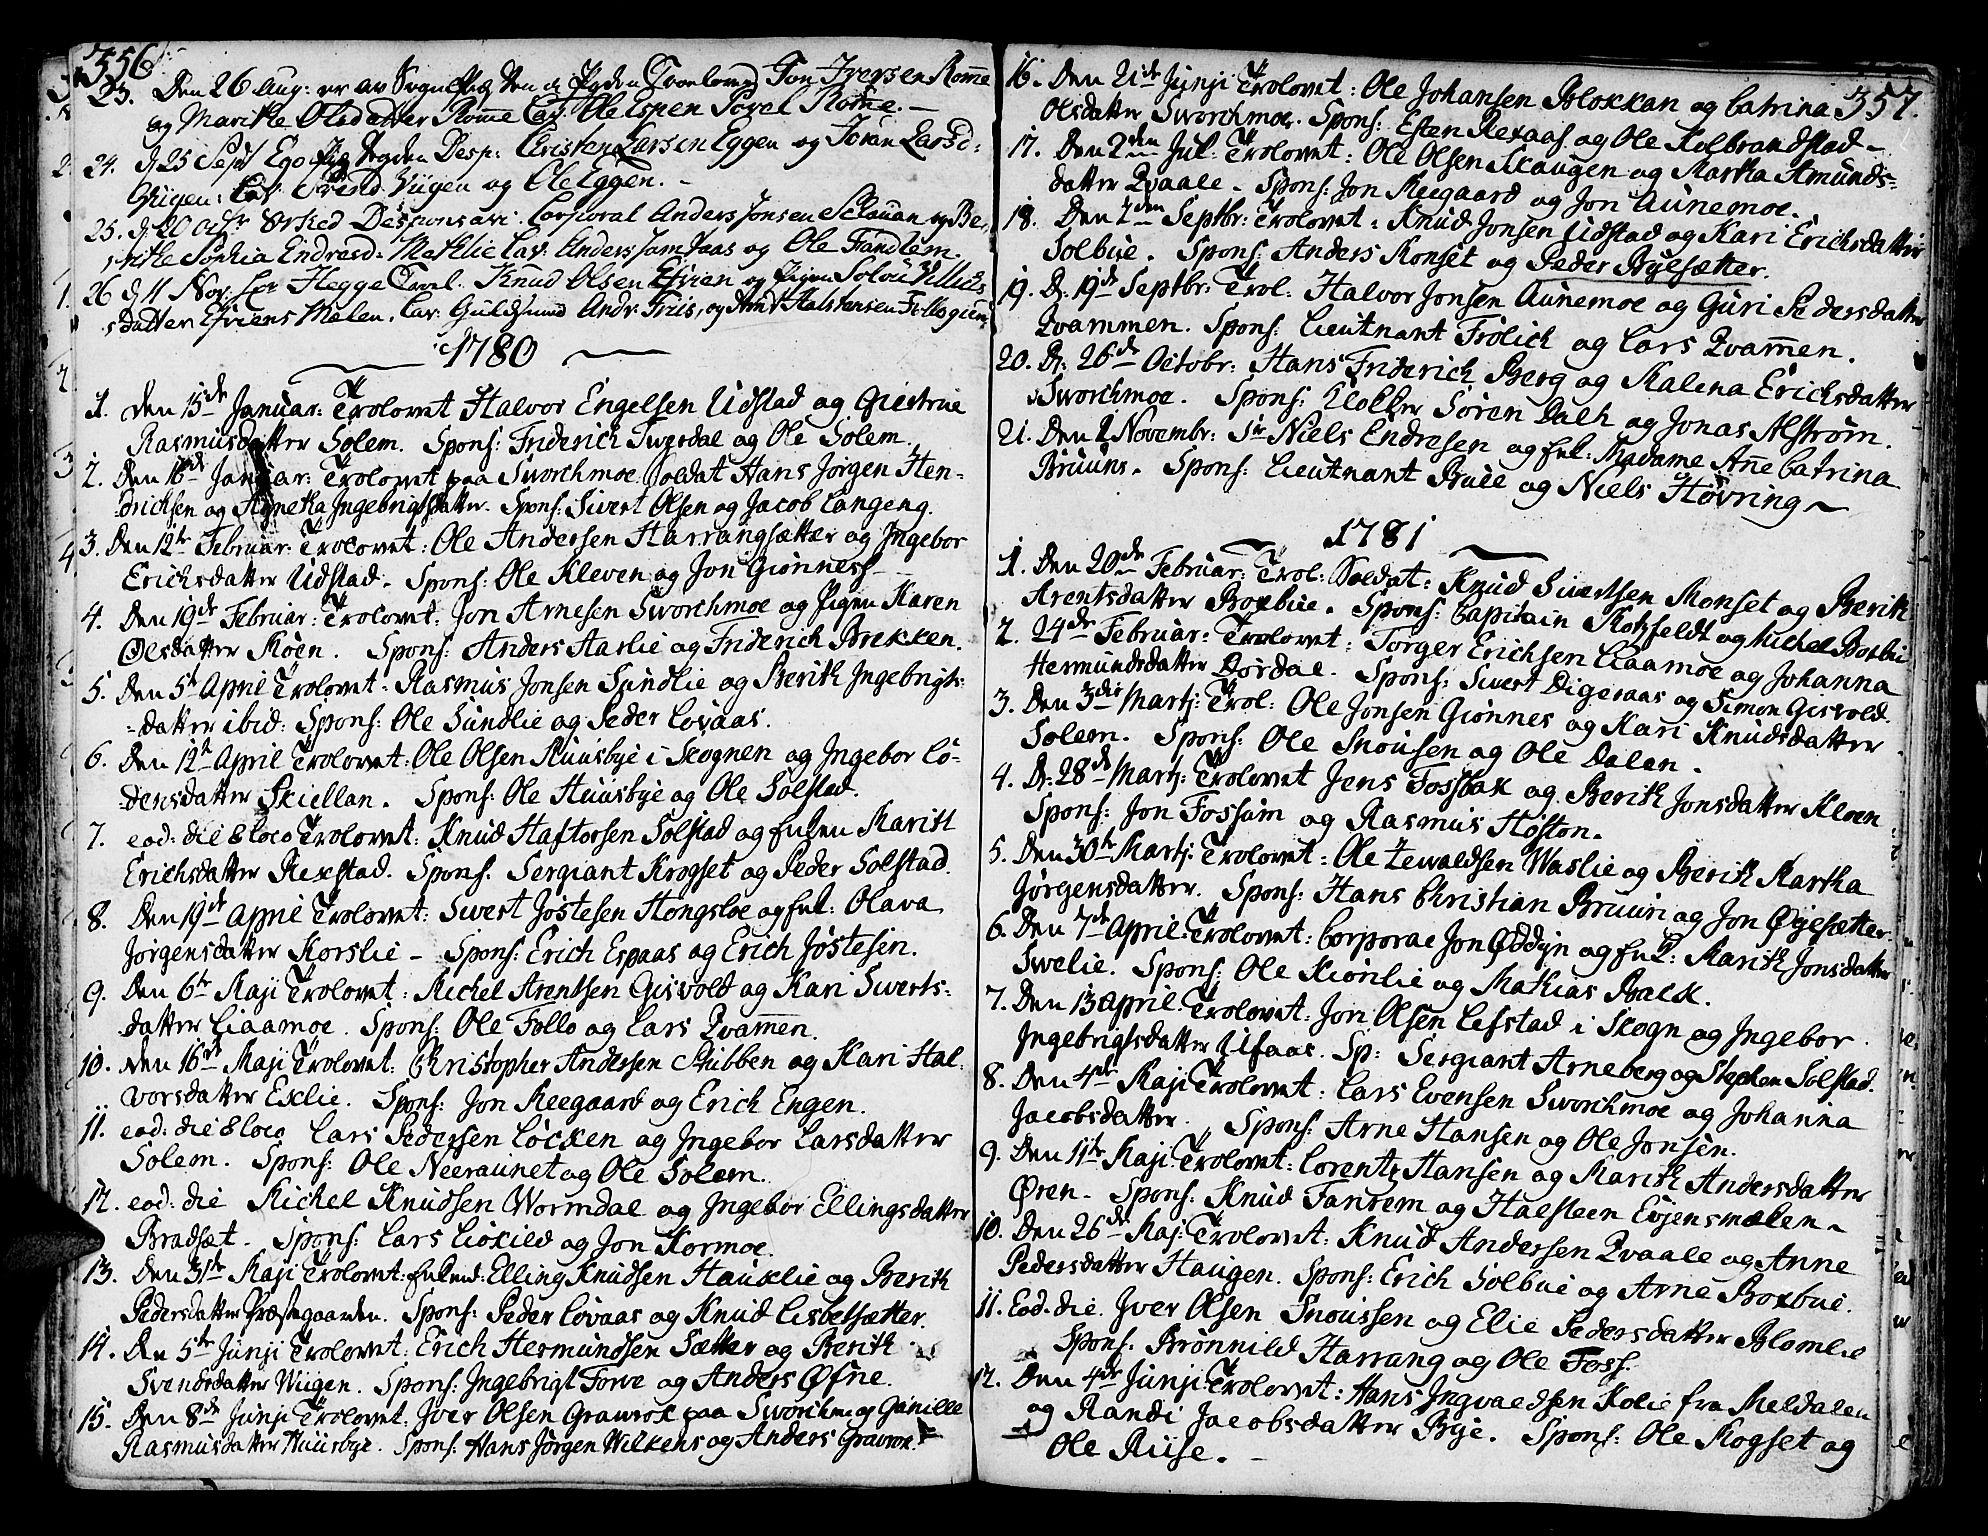 SAT, Ministerialprotokoller, klokkerbøker og fødselsregistre - Sør-Trøndelag, 668/L0802: Ministerialbok nr. 668A02, 1776-1799, s. 356-357